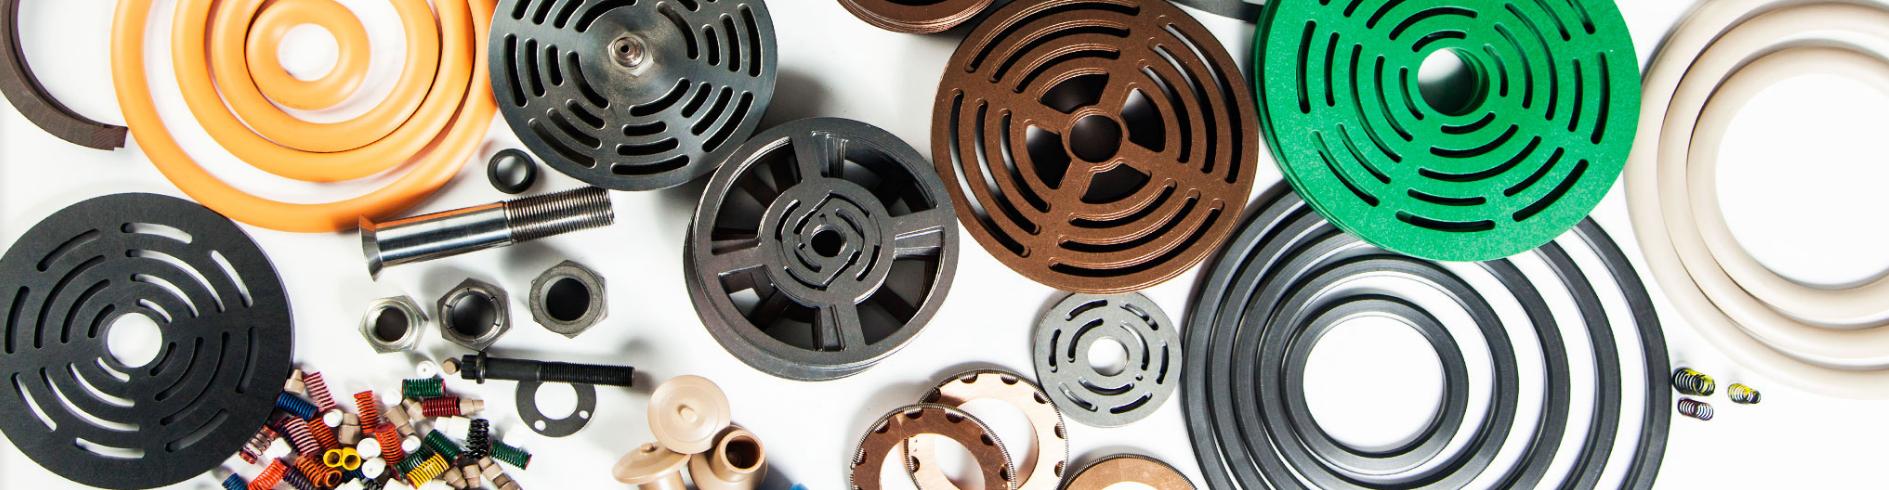 The 4 Main Components Of A Reciprocating Compressor-KB Delta